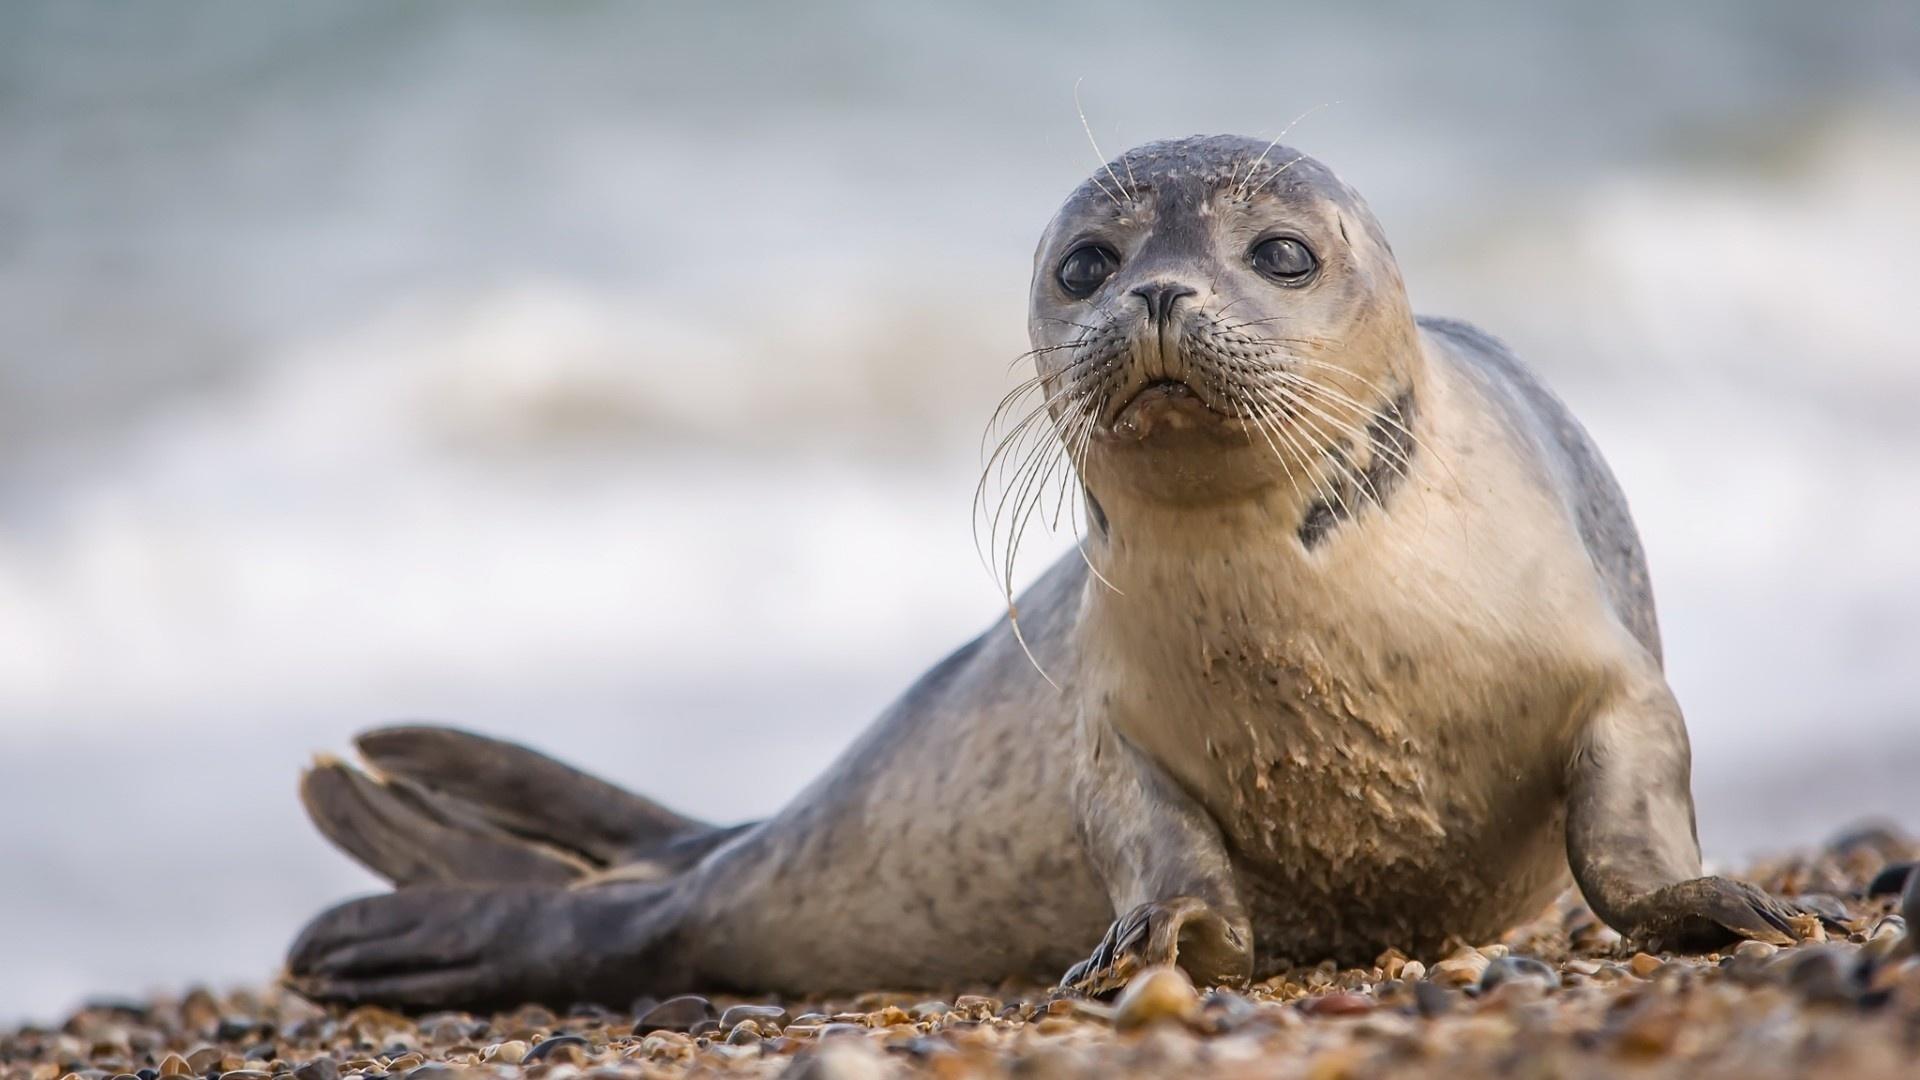 Fur Seal desktop wallpaper hd